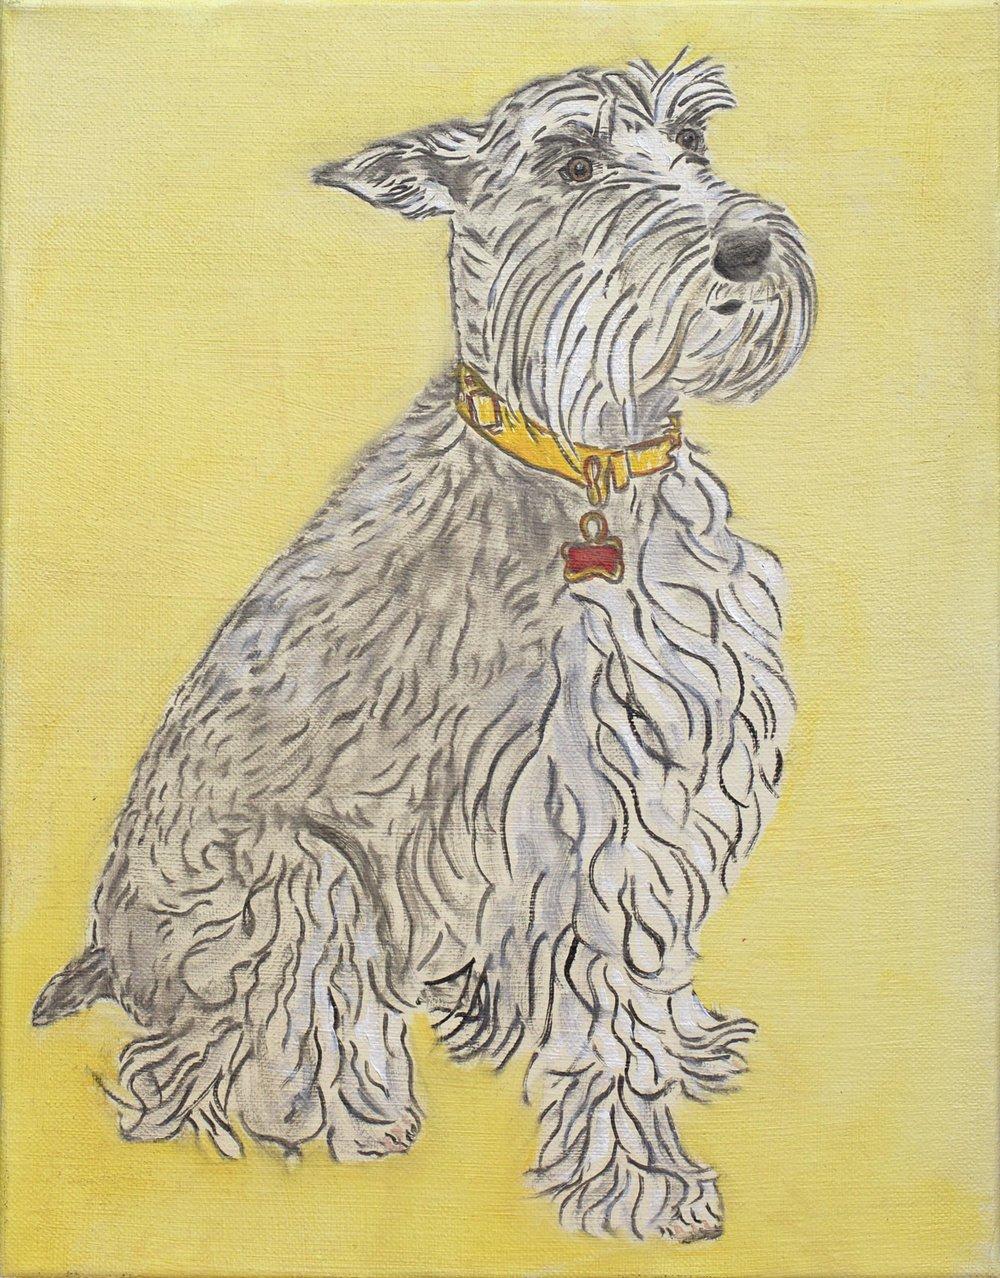 Portrait of Guinness